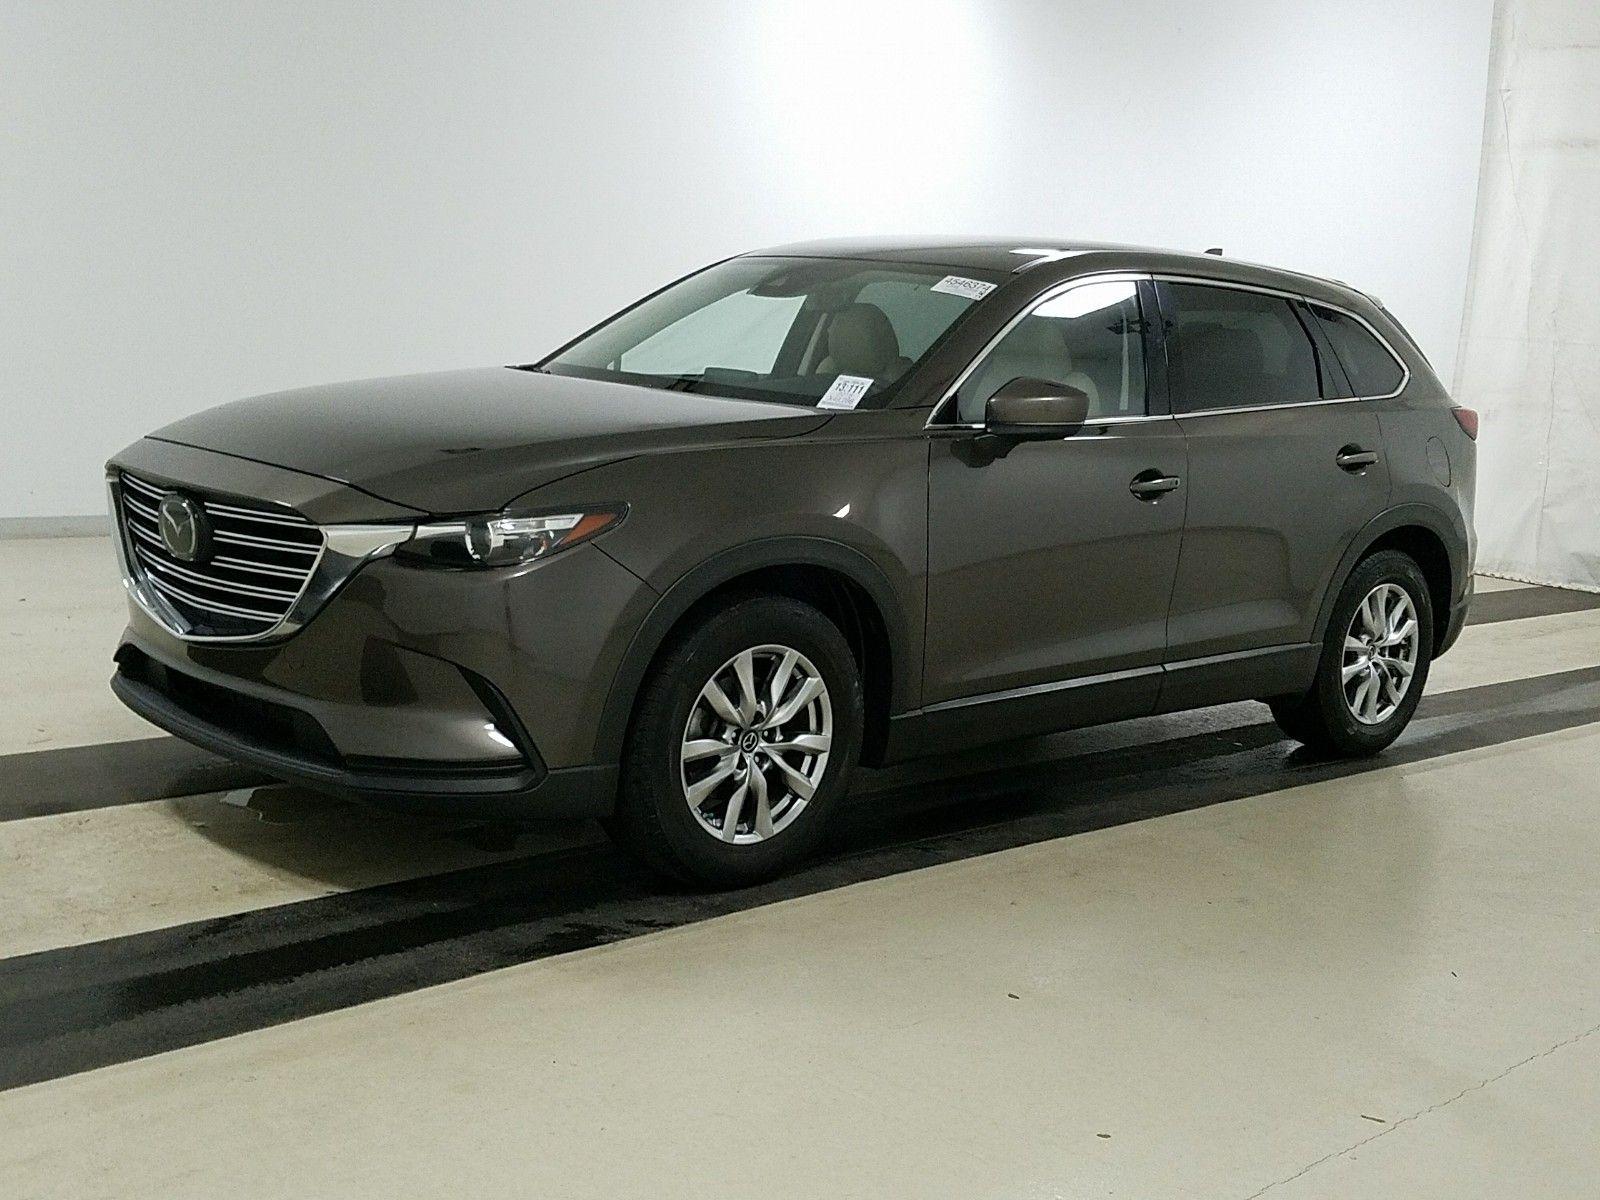 2018 Mazda Cx-9 2.5. Lot 99915993981 Vin JM3TCACY9J0210228